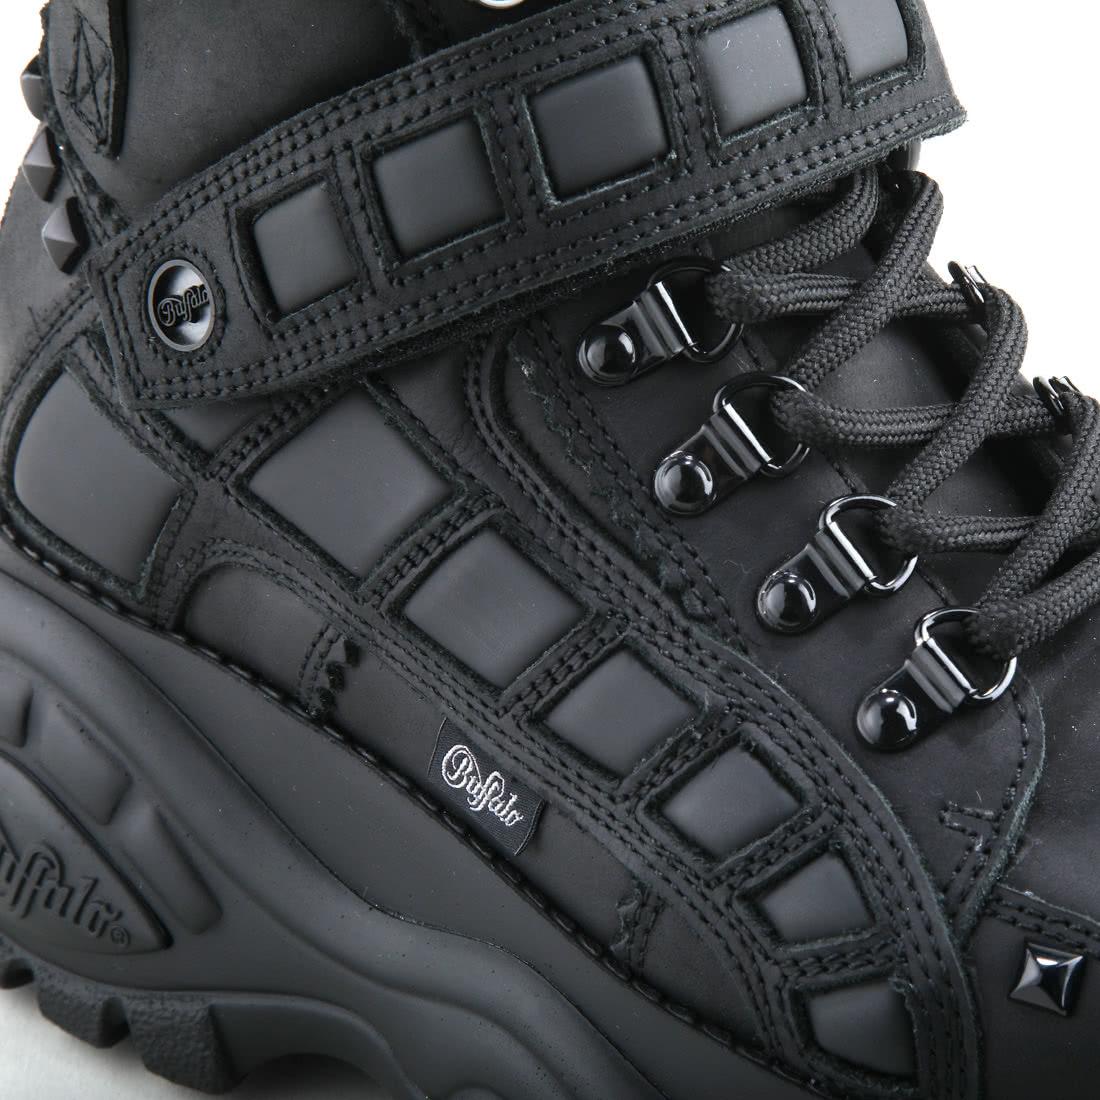 dd598946ff Buffalo Classic Rock 'n' Roll Boot nubuck leather black buy online ...